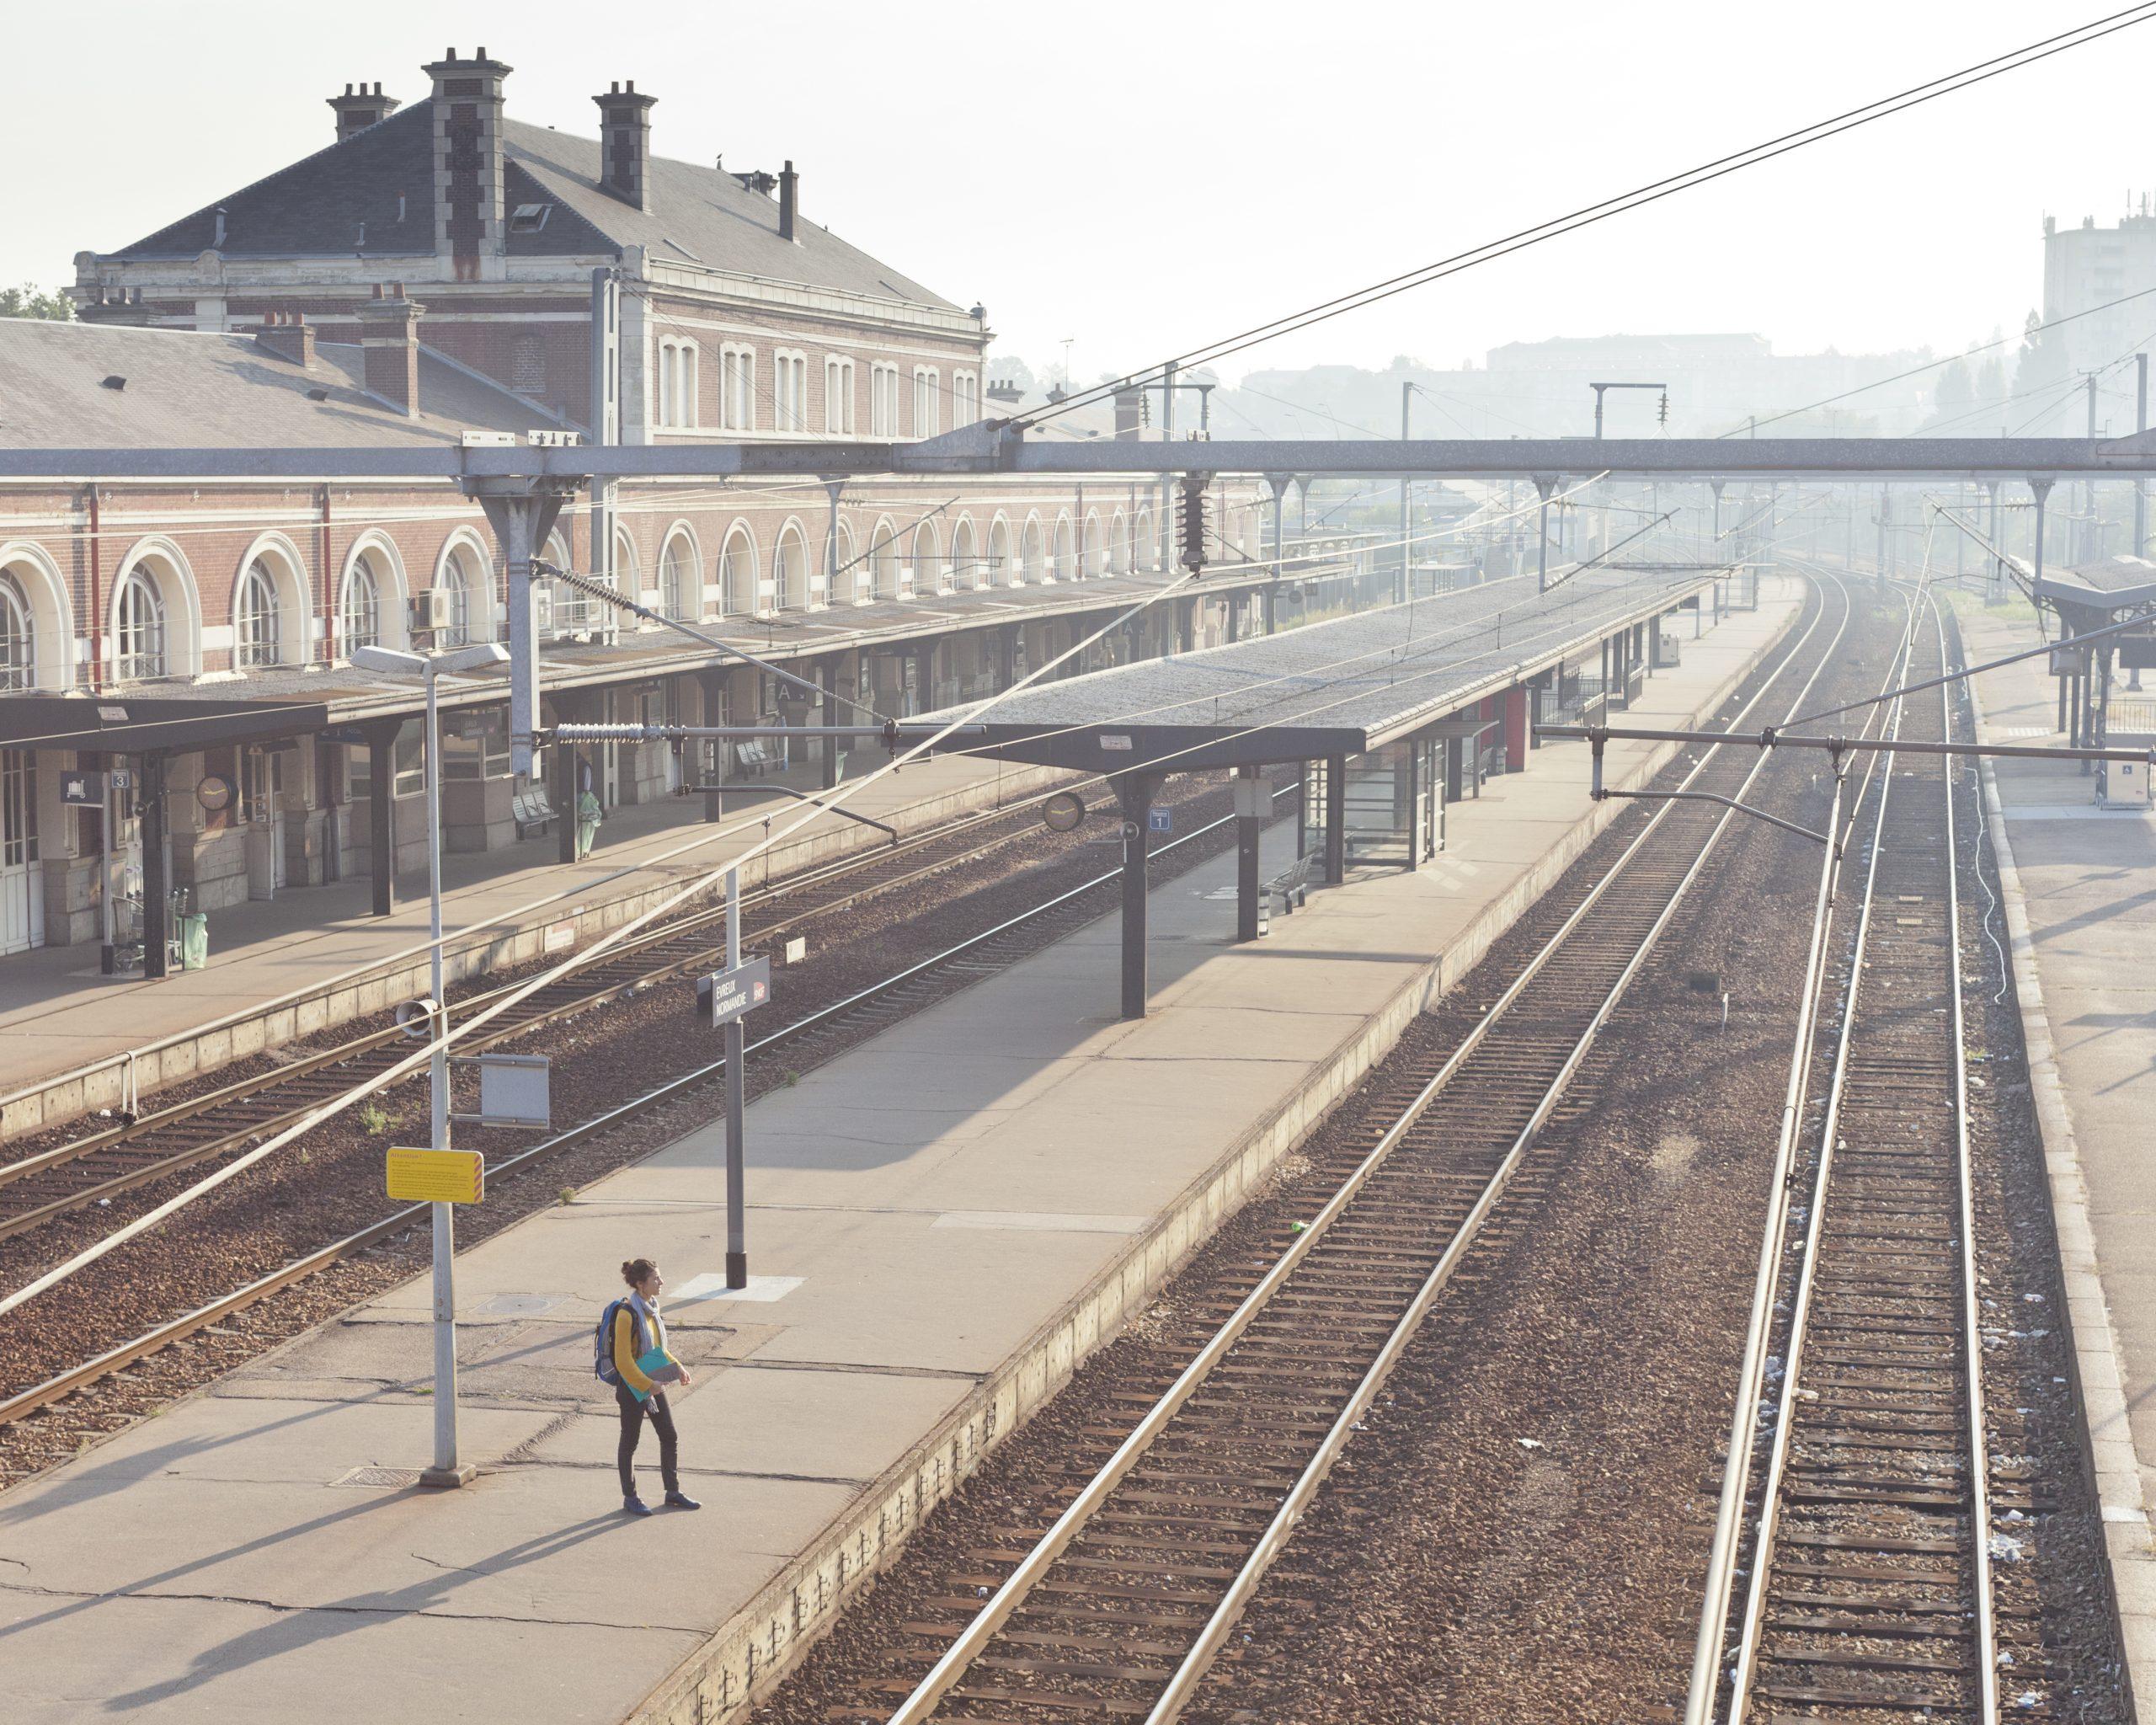 Rejoindre SNCF, c'est être au cœur de la vie des gens et respectueux de l'environnement. C'est aussi s'engager dans une entreprise citoyenne au service de tous et portant attention à chacun.